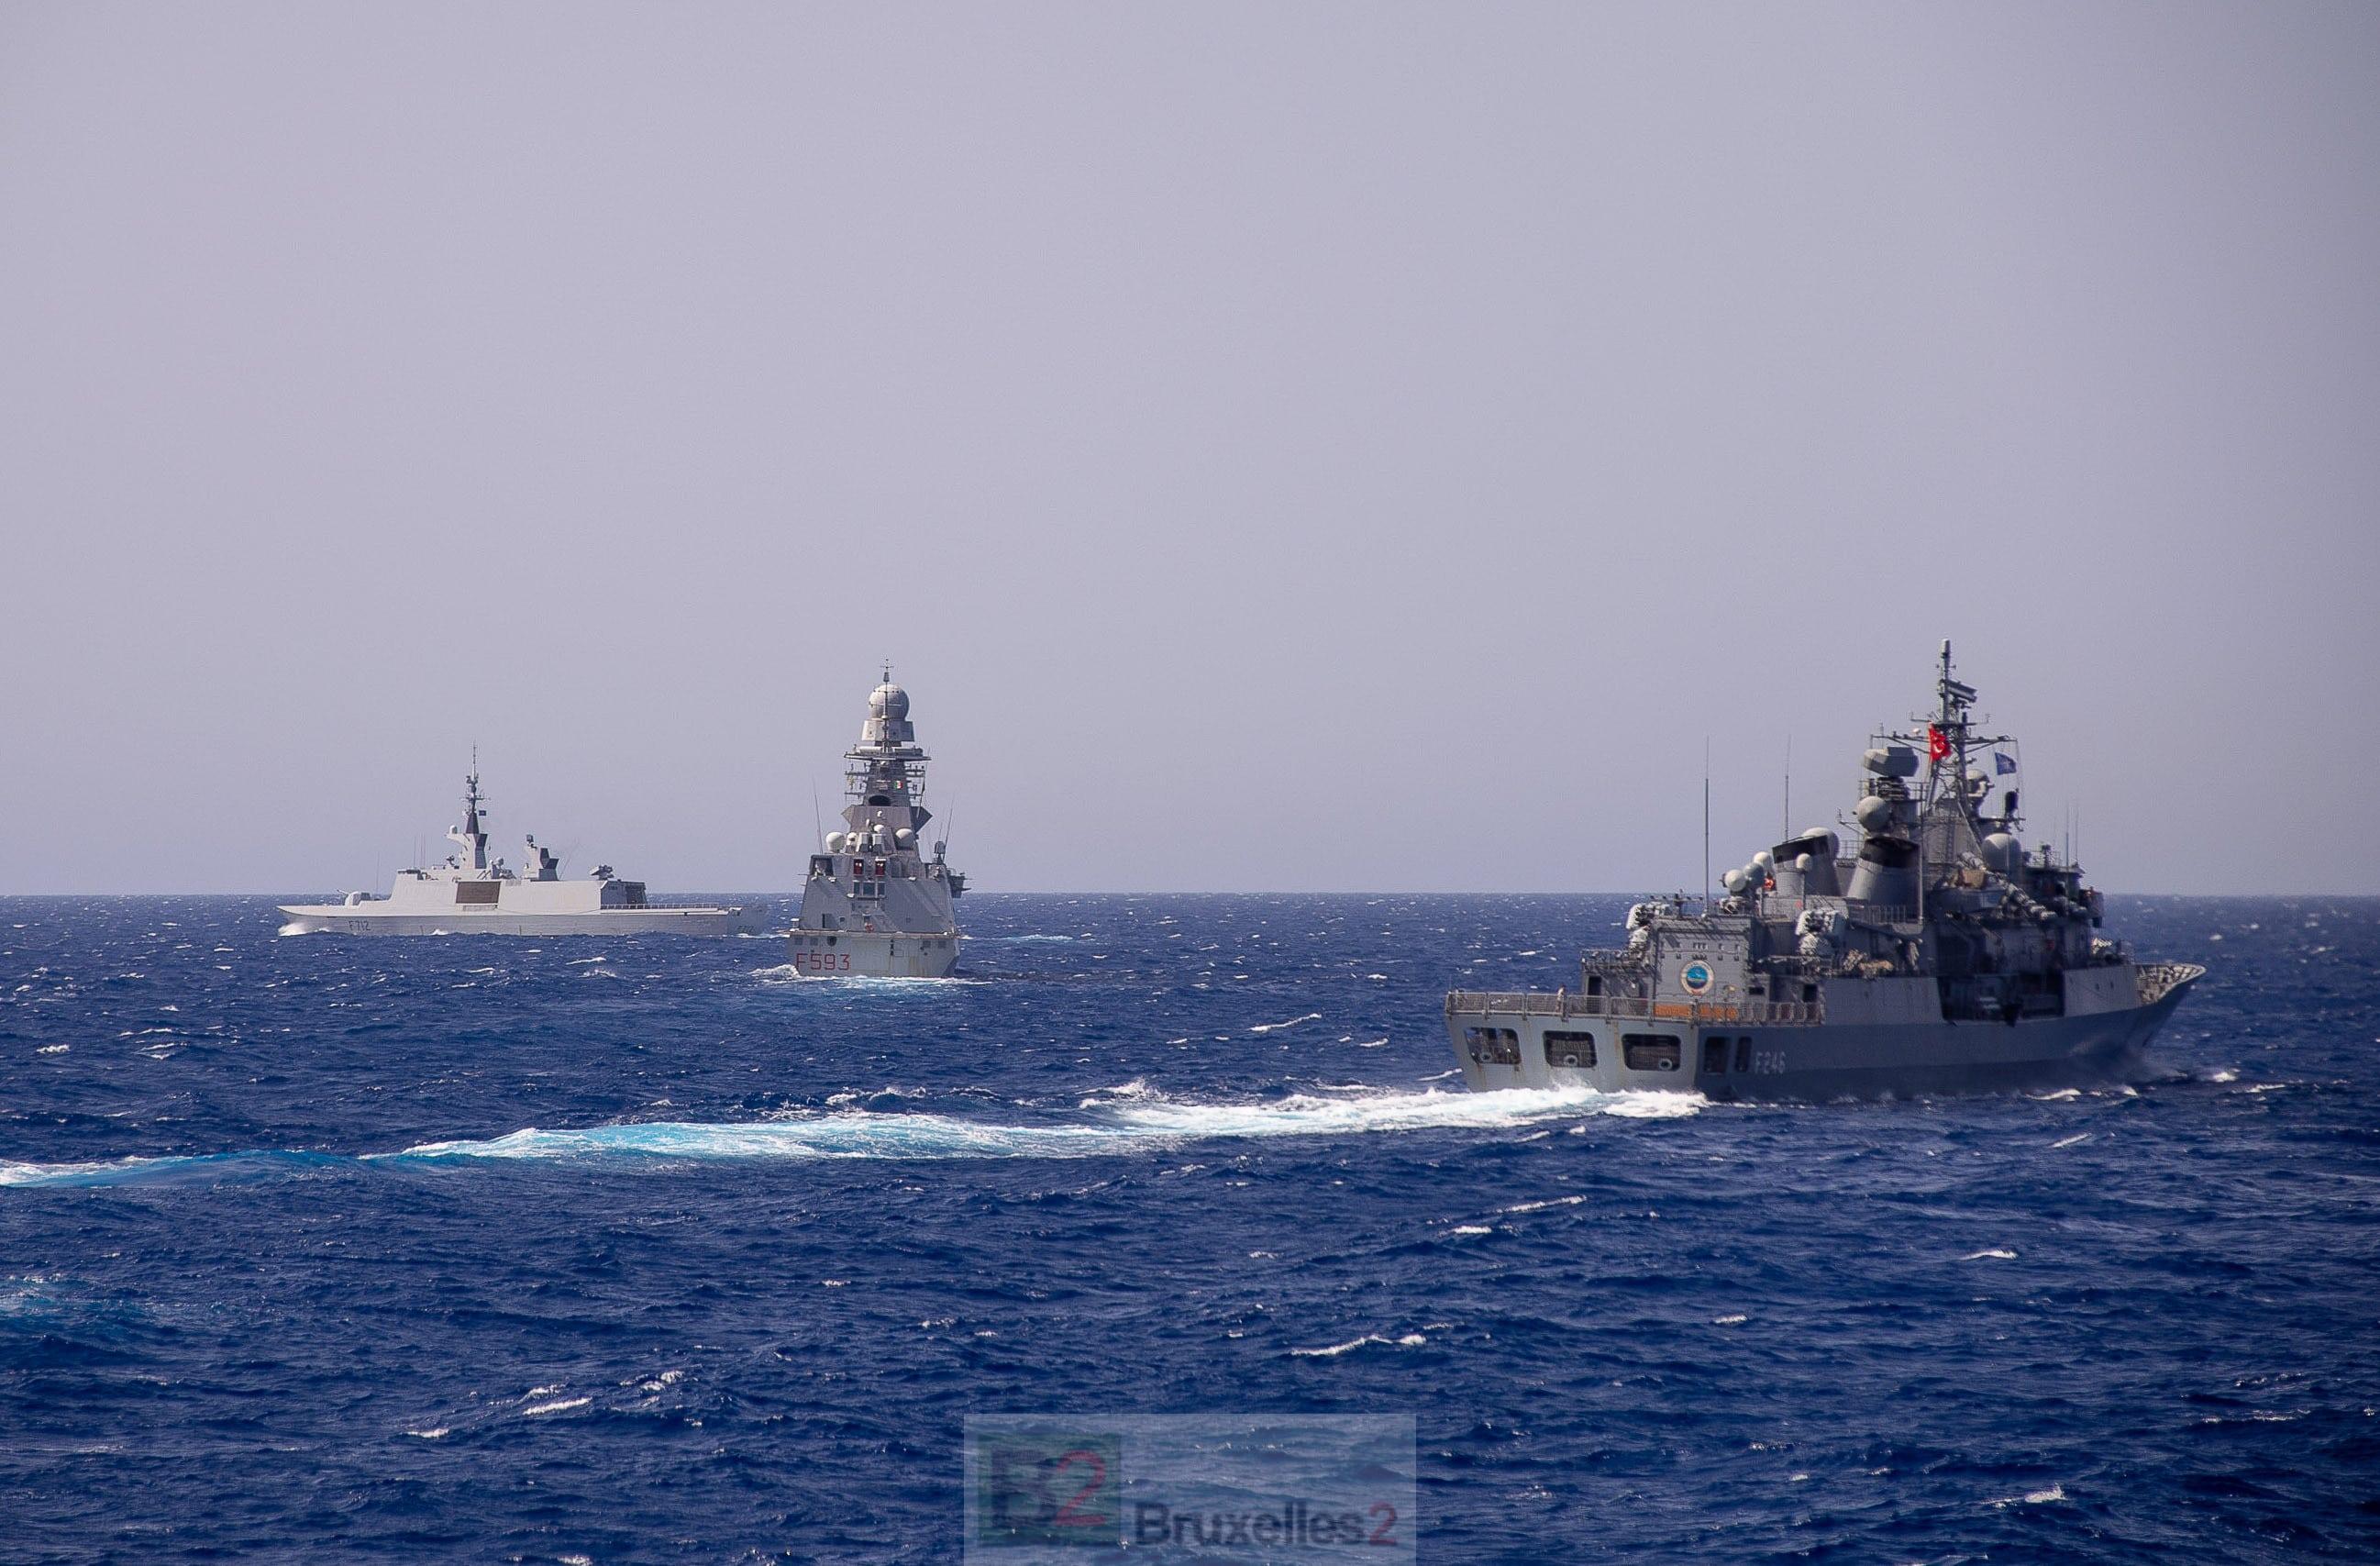 Turquie-France. L'incident du Courbet est dépassé. L'OTAN essaie d'oublier - B2 Le blog de l'Europe géopolitique